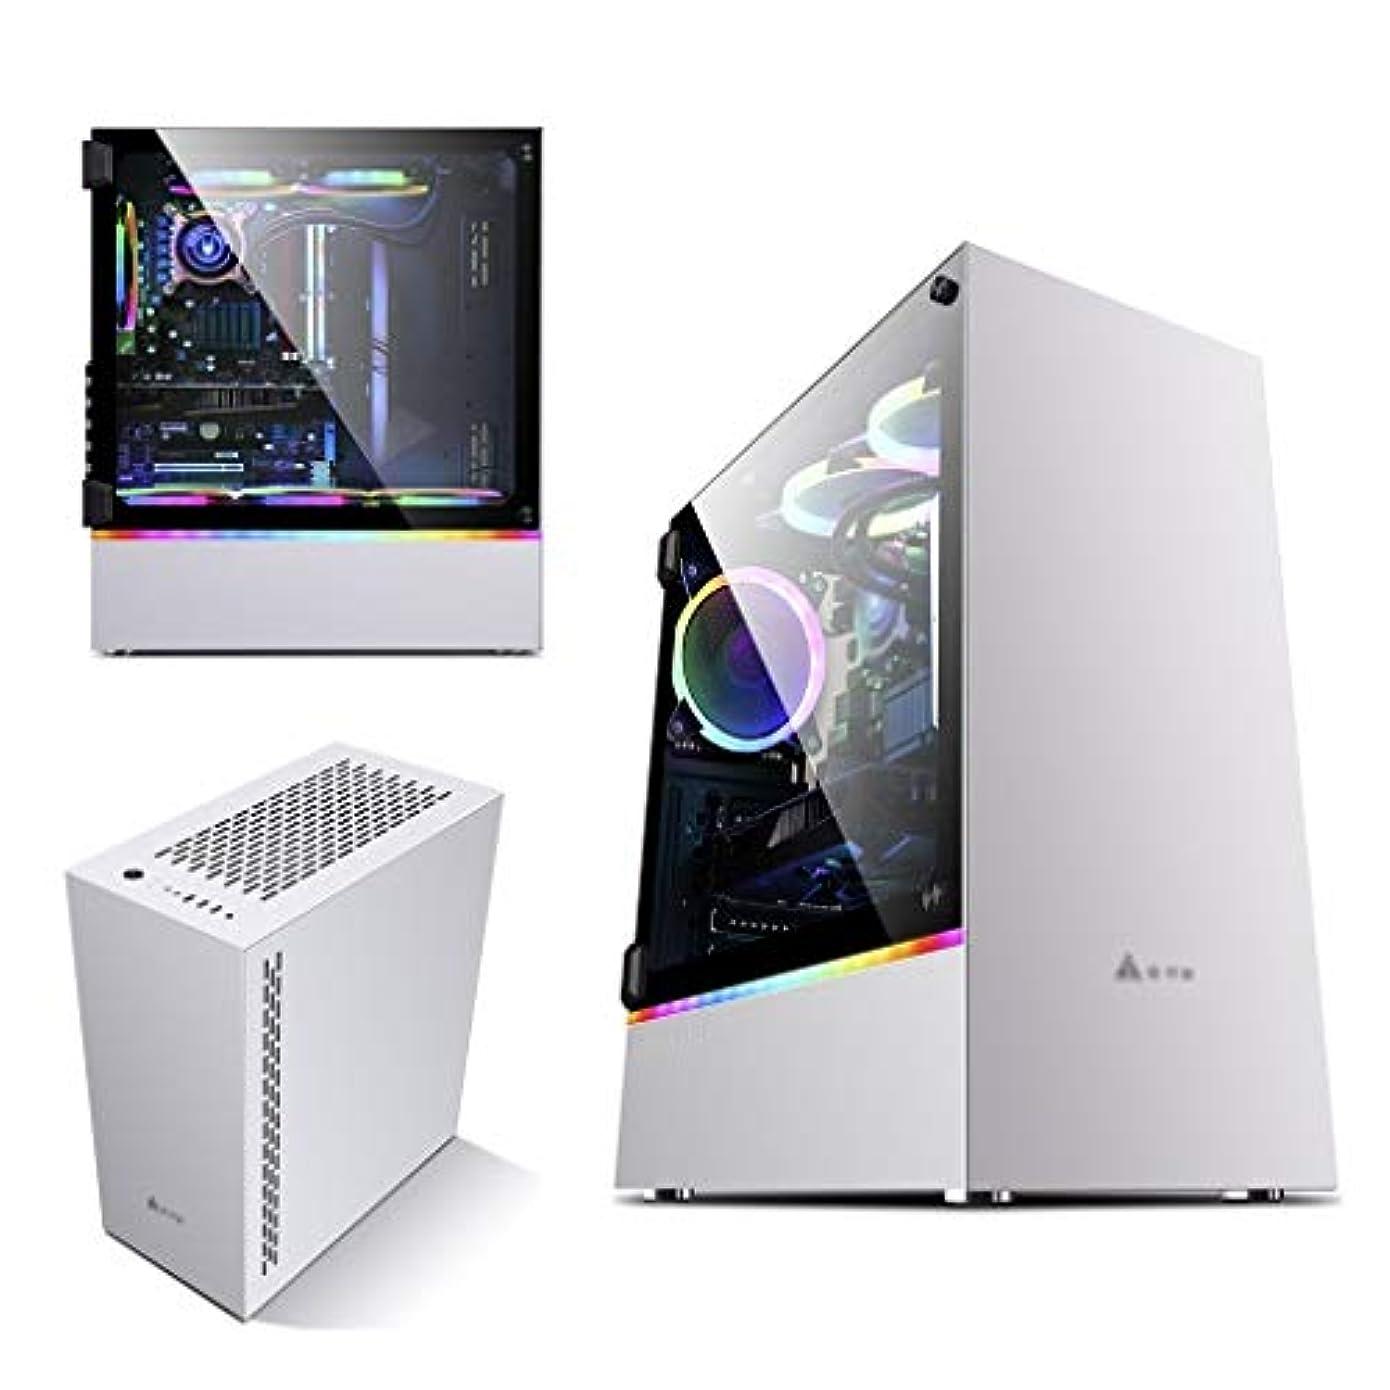 信号液体無心デスクトップPCのコンピュータ用ゲームケース、ミッドタワーE-ATX/ATX/M-ATX/ITX PCゲームコンピュータケース、両側に完全に透明な、